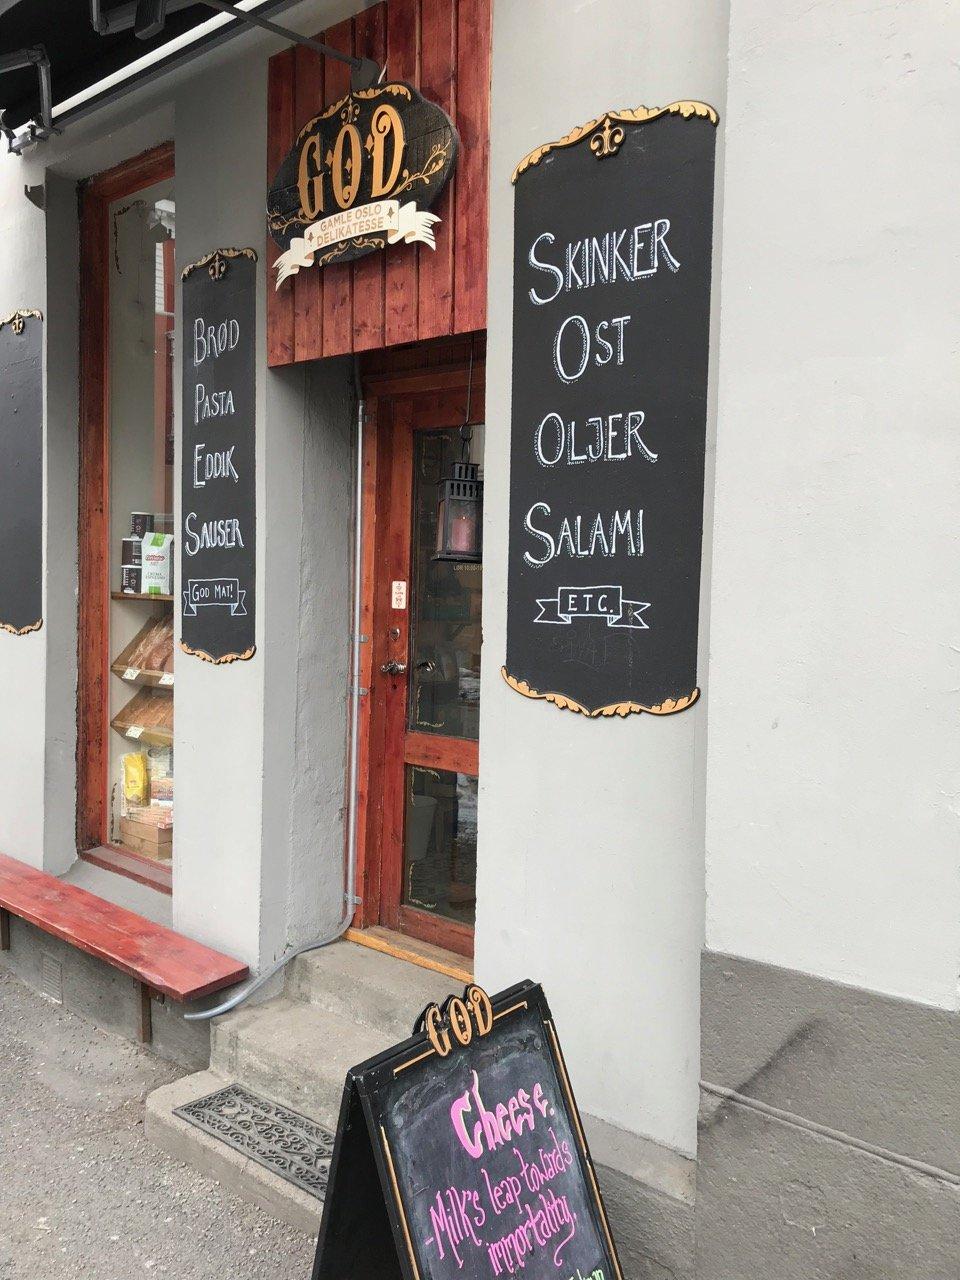 Gamle oslo delikatesse, liten men god delikatessebutikk